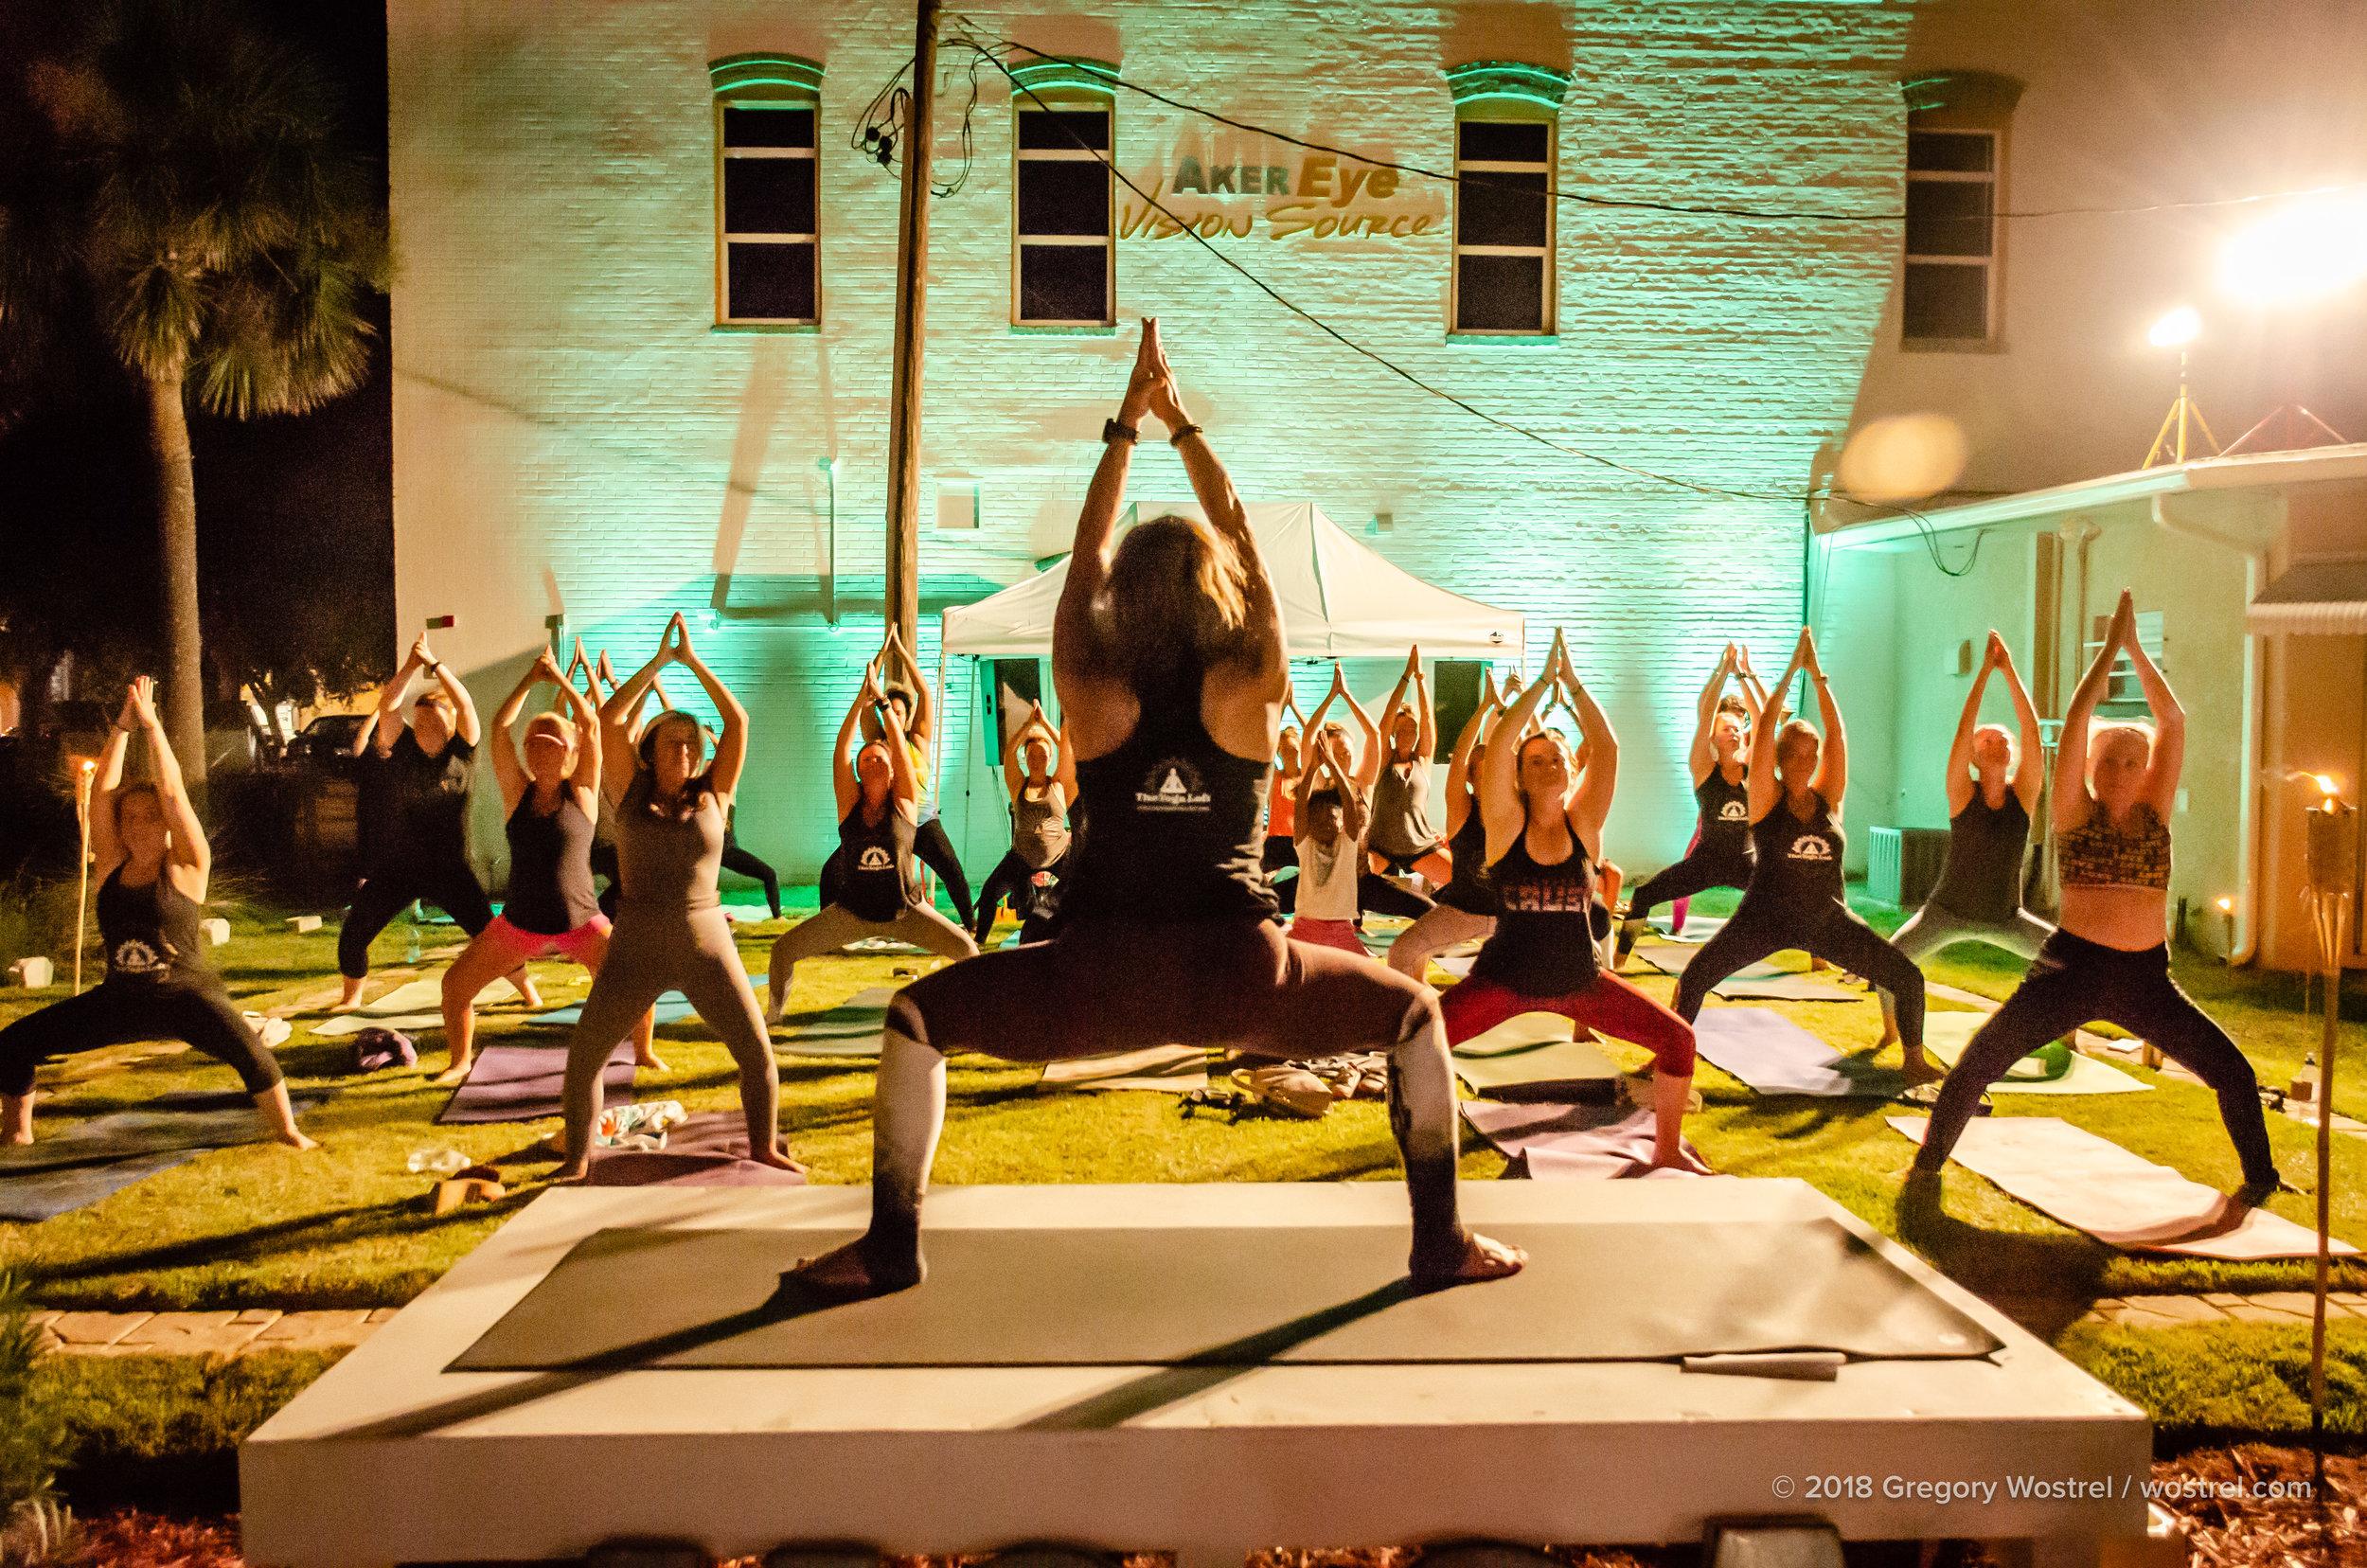 The Titusville Yoga Loft  - Titusville Yoga Loft Community Garden 8.jpg